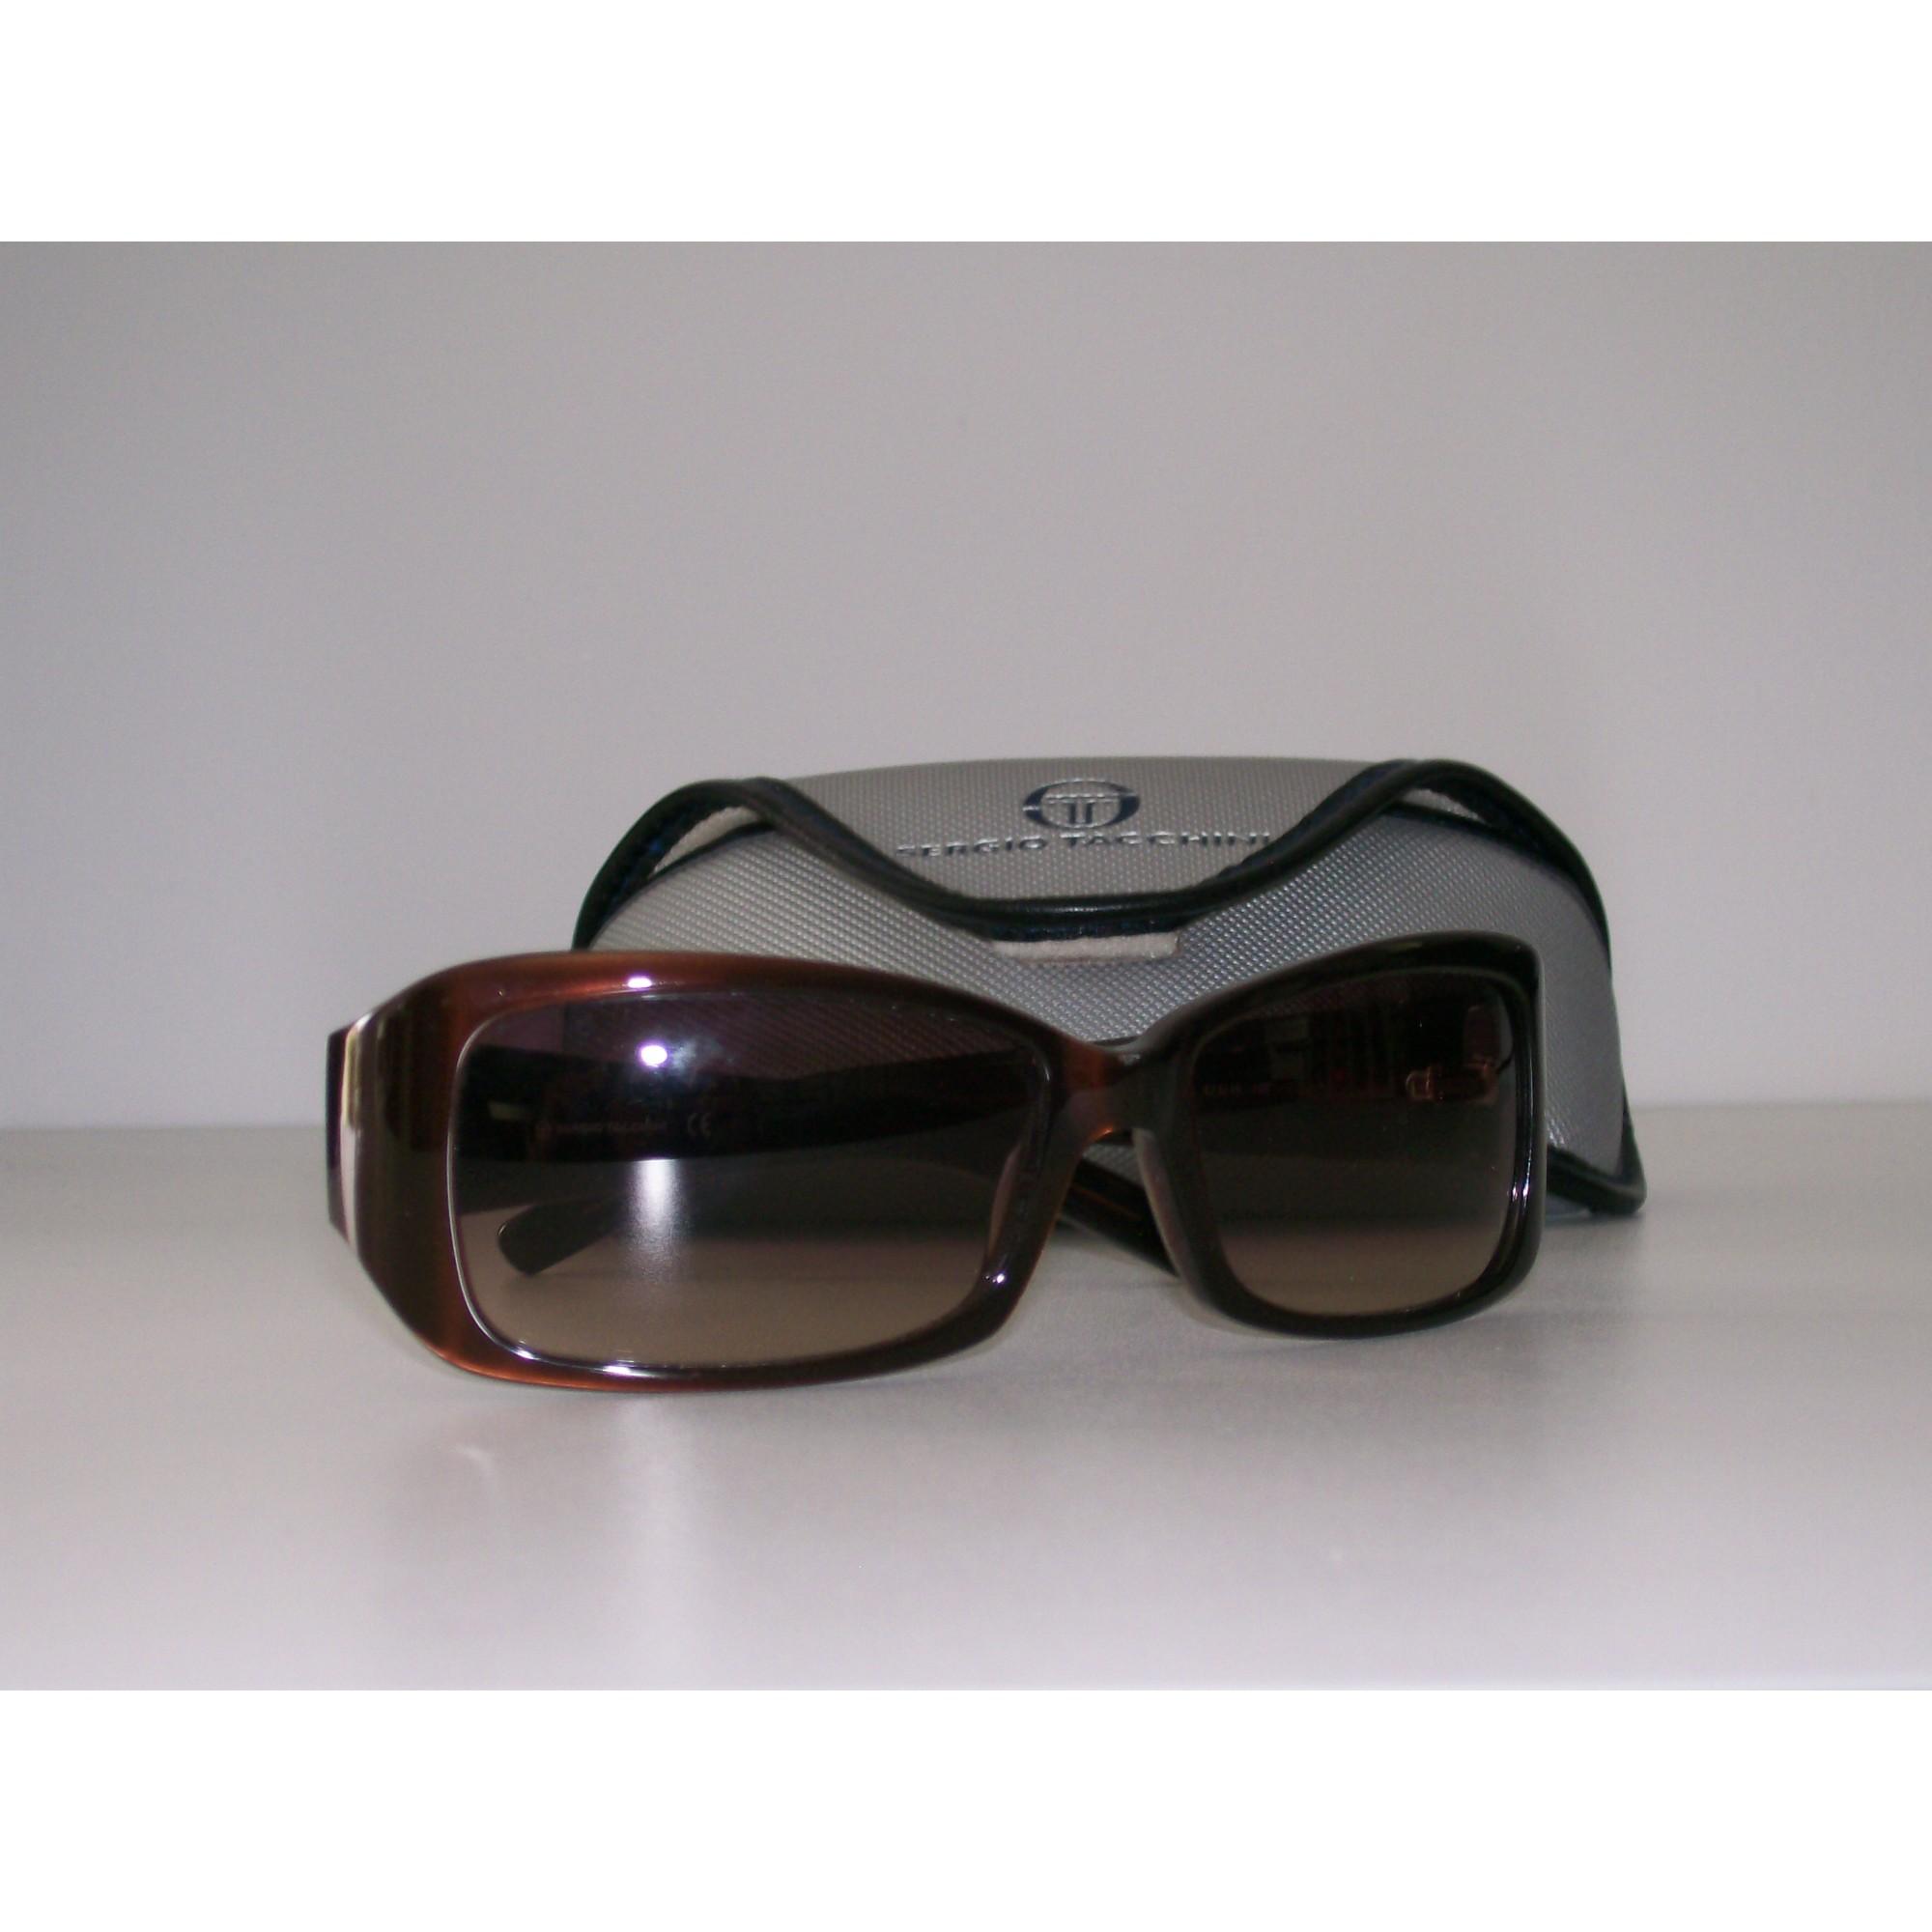 014d47359d57c3 Lunettes de soleil SERGIO TACCHINI marron vendu par 23 avenue52819 ...